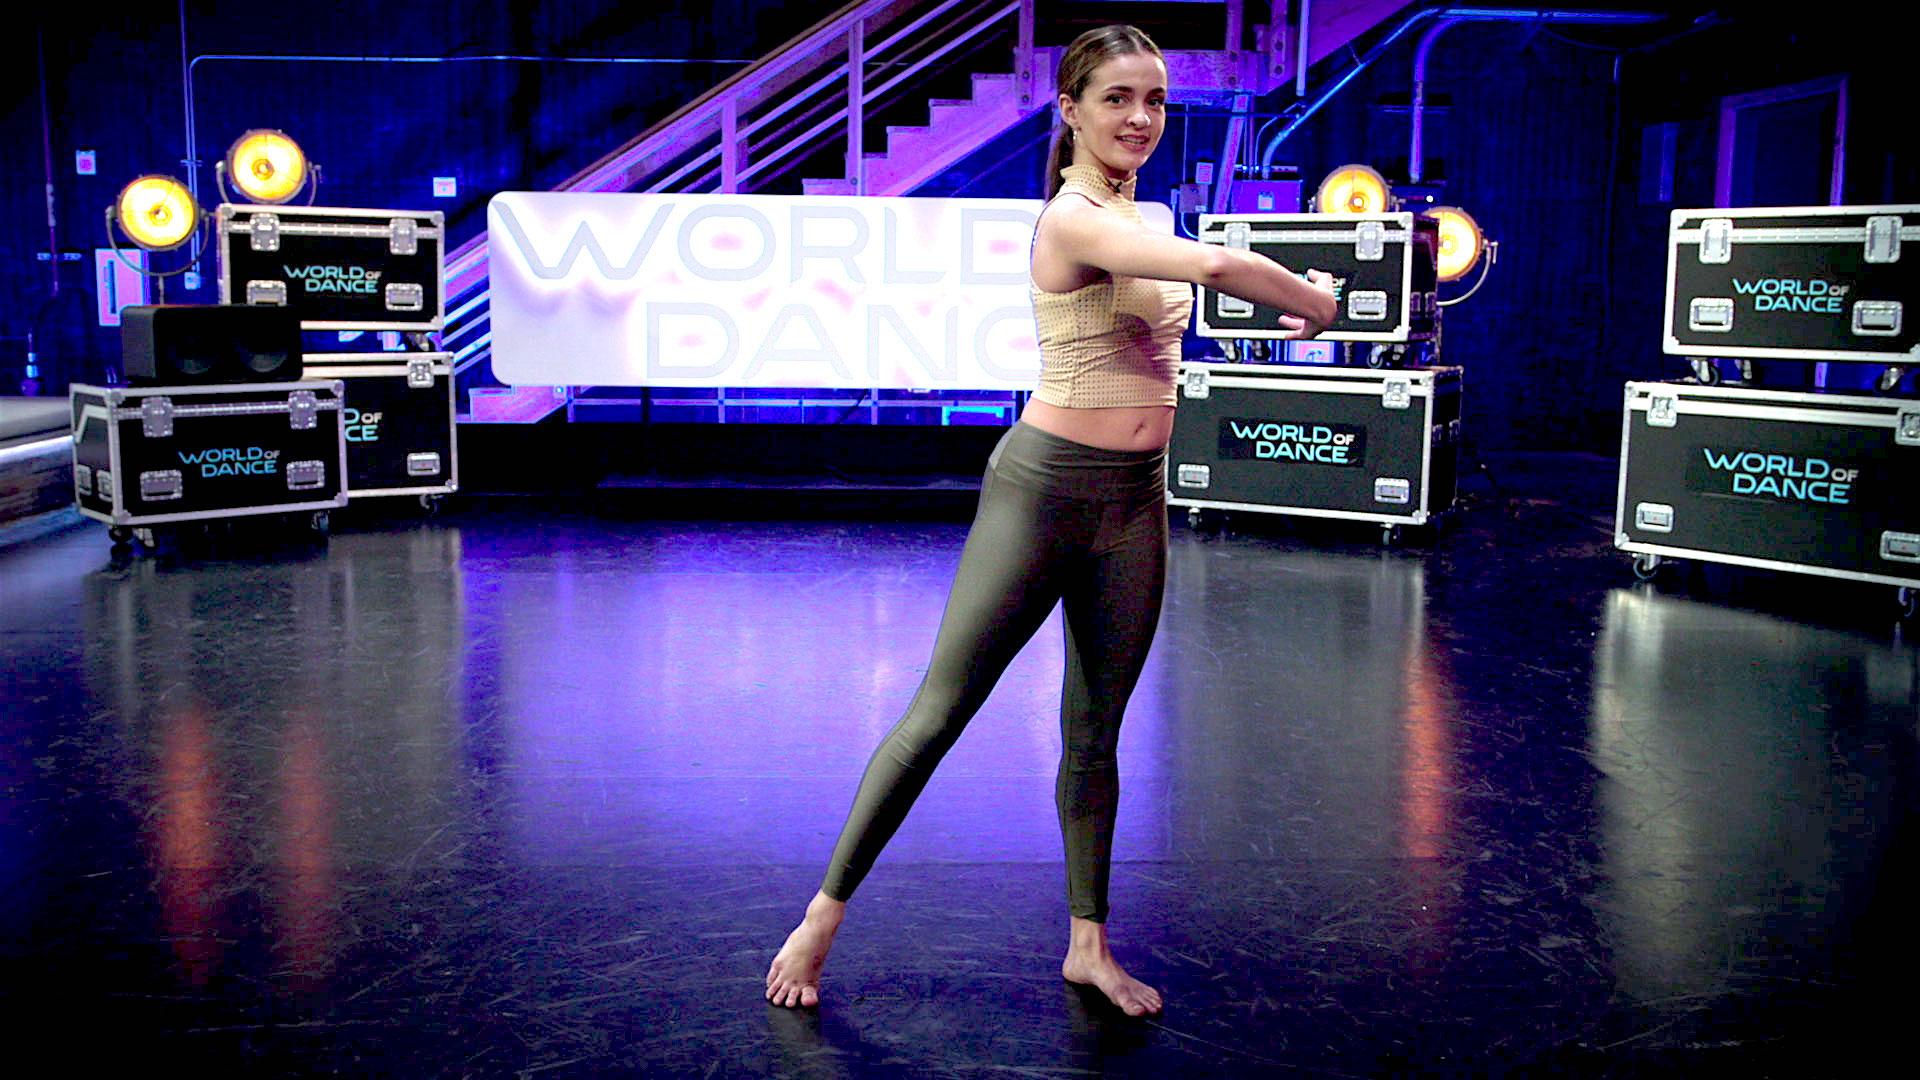 Watch World of Dance Web Exclusive: Vivian Ruiz - Move of ...